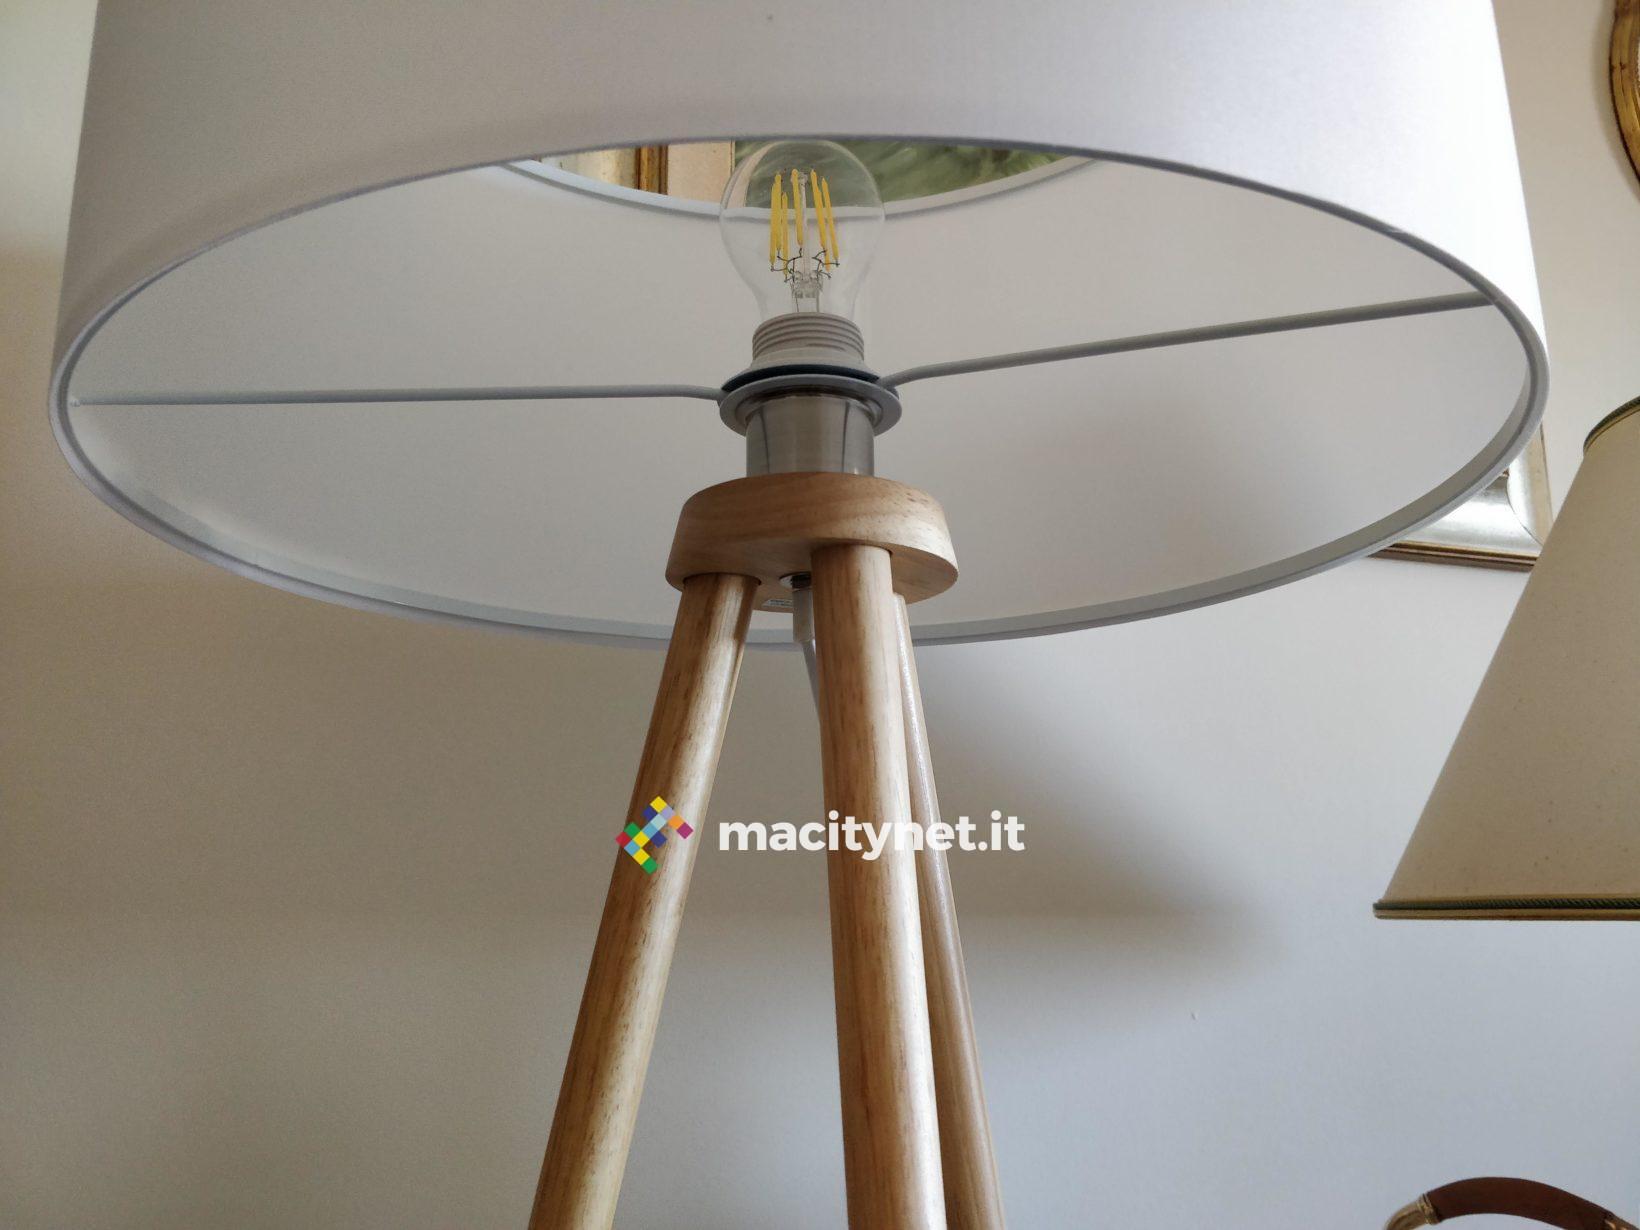 Recensione lampada da pavimento in legno Tomons, illuminare con stile